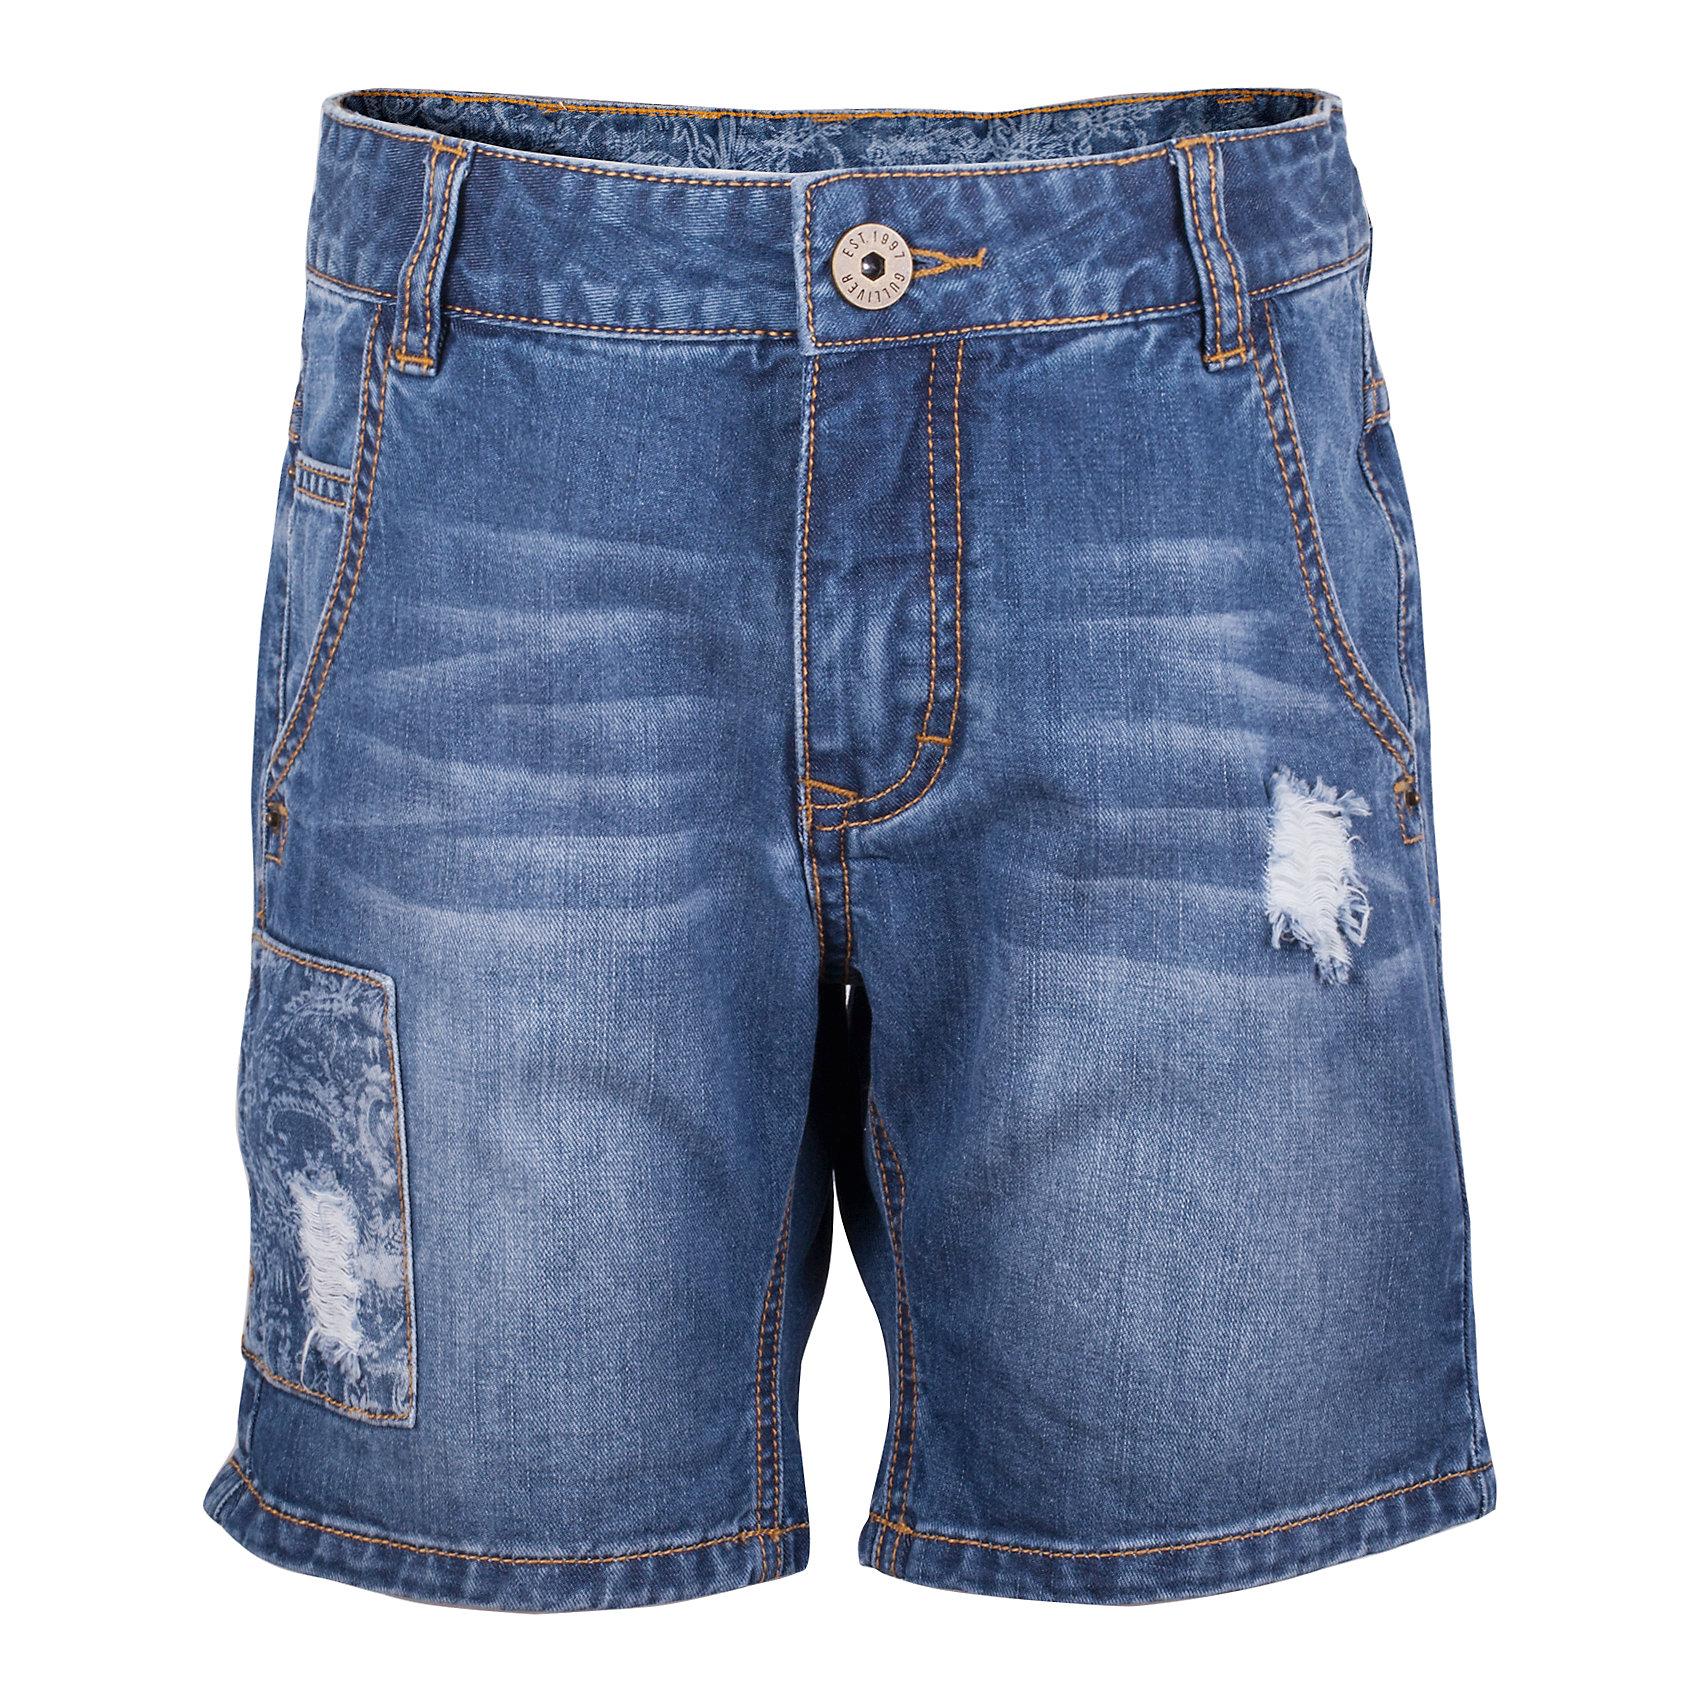 Шорты джинсовые для мальчика GulliverДжинсовая одежда<br>Школьный сезон позади и пора составлять летний гардероб ребенка... Джинсовые шорты для мальчика - вещь совершенно необходимая! Они подарят 100% комфорт и сделают образ стильным и современным. Летние шорты с эффектными повреждениями, варкой и фирменной металлической фурнитурой будут лучшим подарком для мальчика-подростка, идущего в ногу со временем. Если вы решили купить шорты, остановите свой выбор на этой модели! Модные джинсовые шорты - ваш ответ жаркому лету!<br>Состав:<br>100% хлопок<br><br>Ширина мм: 191<br>Глубина мм: 10<br>Высота мм: 175<br>Вес г: 273<br>Цвет: синий<br>Возраст от месяцев: 156<br>Возраст до месяцев: 168<br>Пол: Мужской<br>Возраст: Детский<br>Размер: 164,146,152,158<br>SKU: 5483226